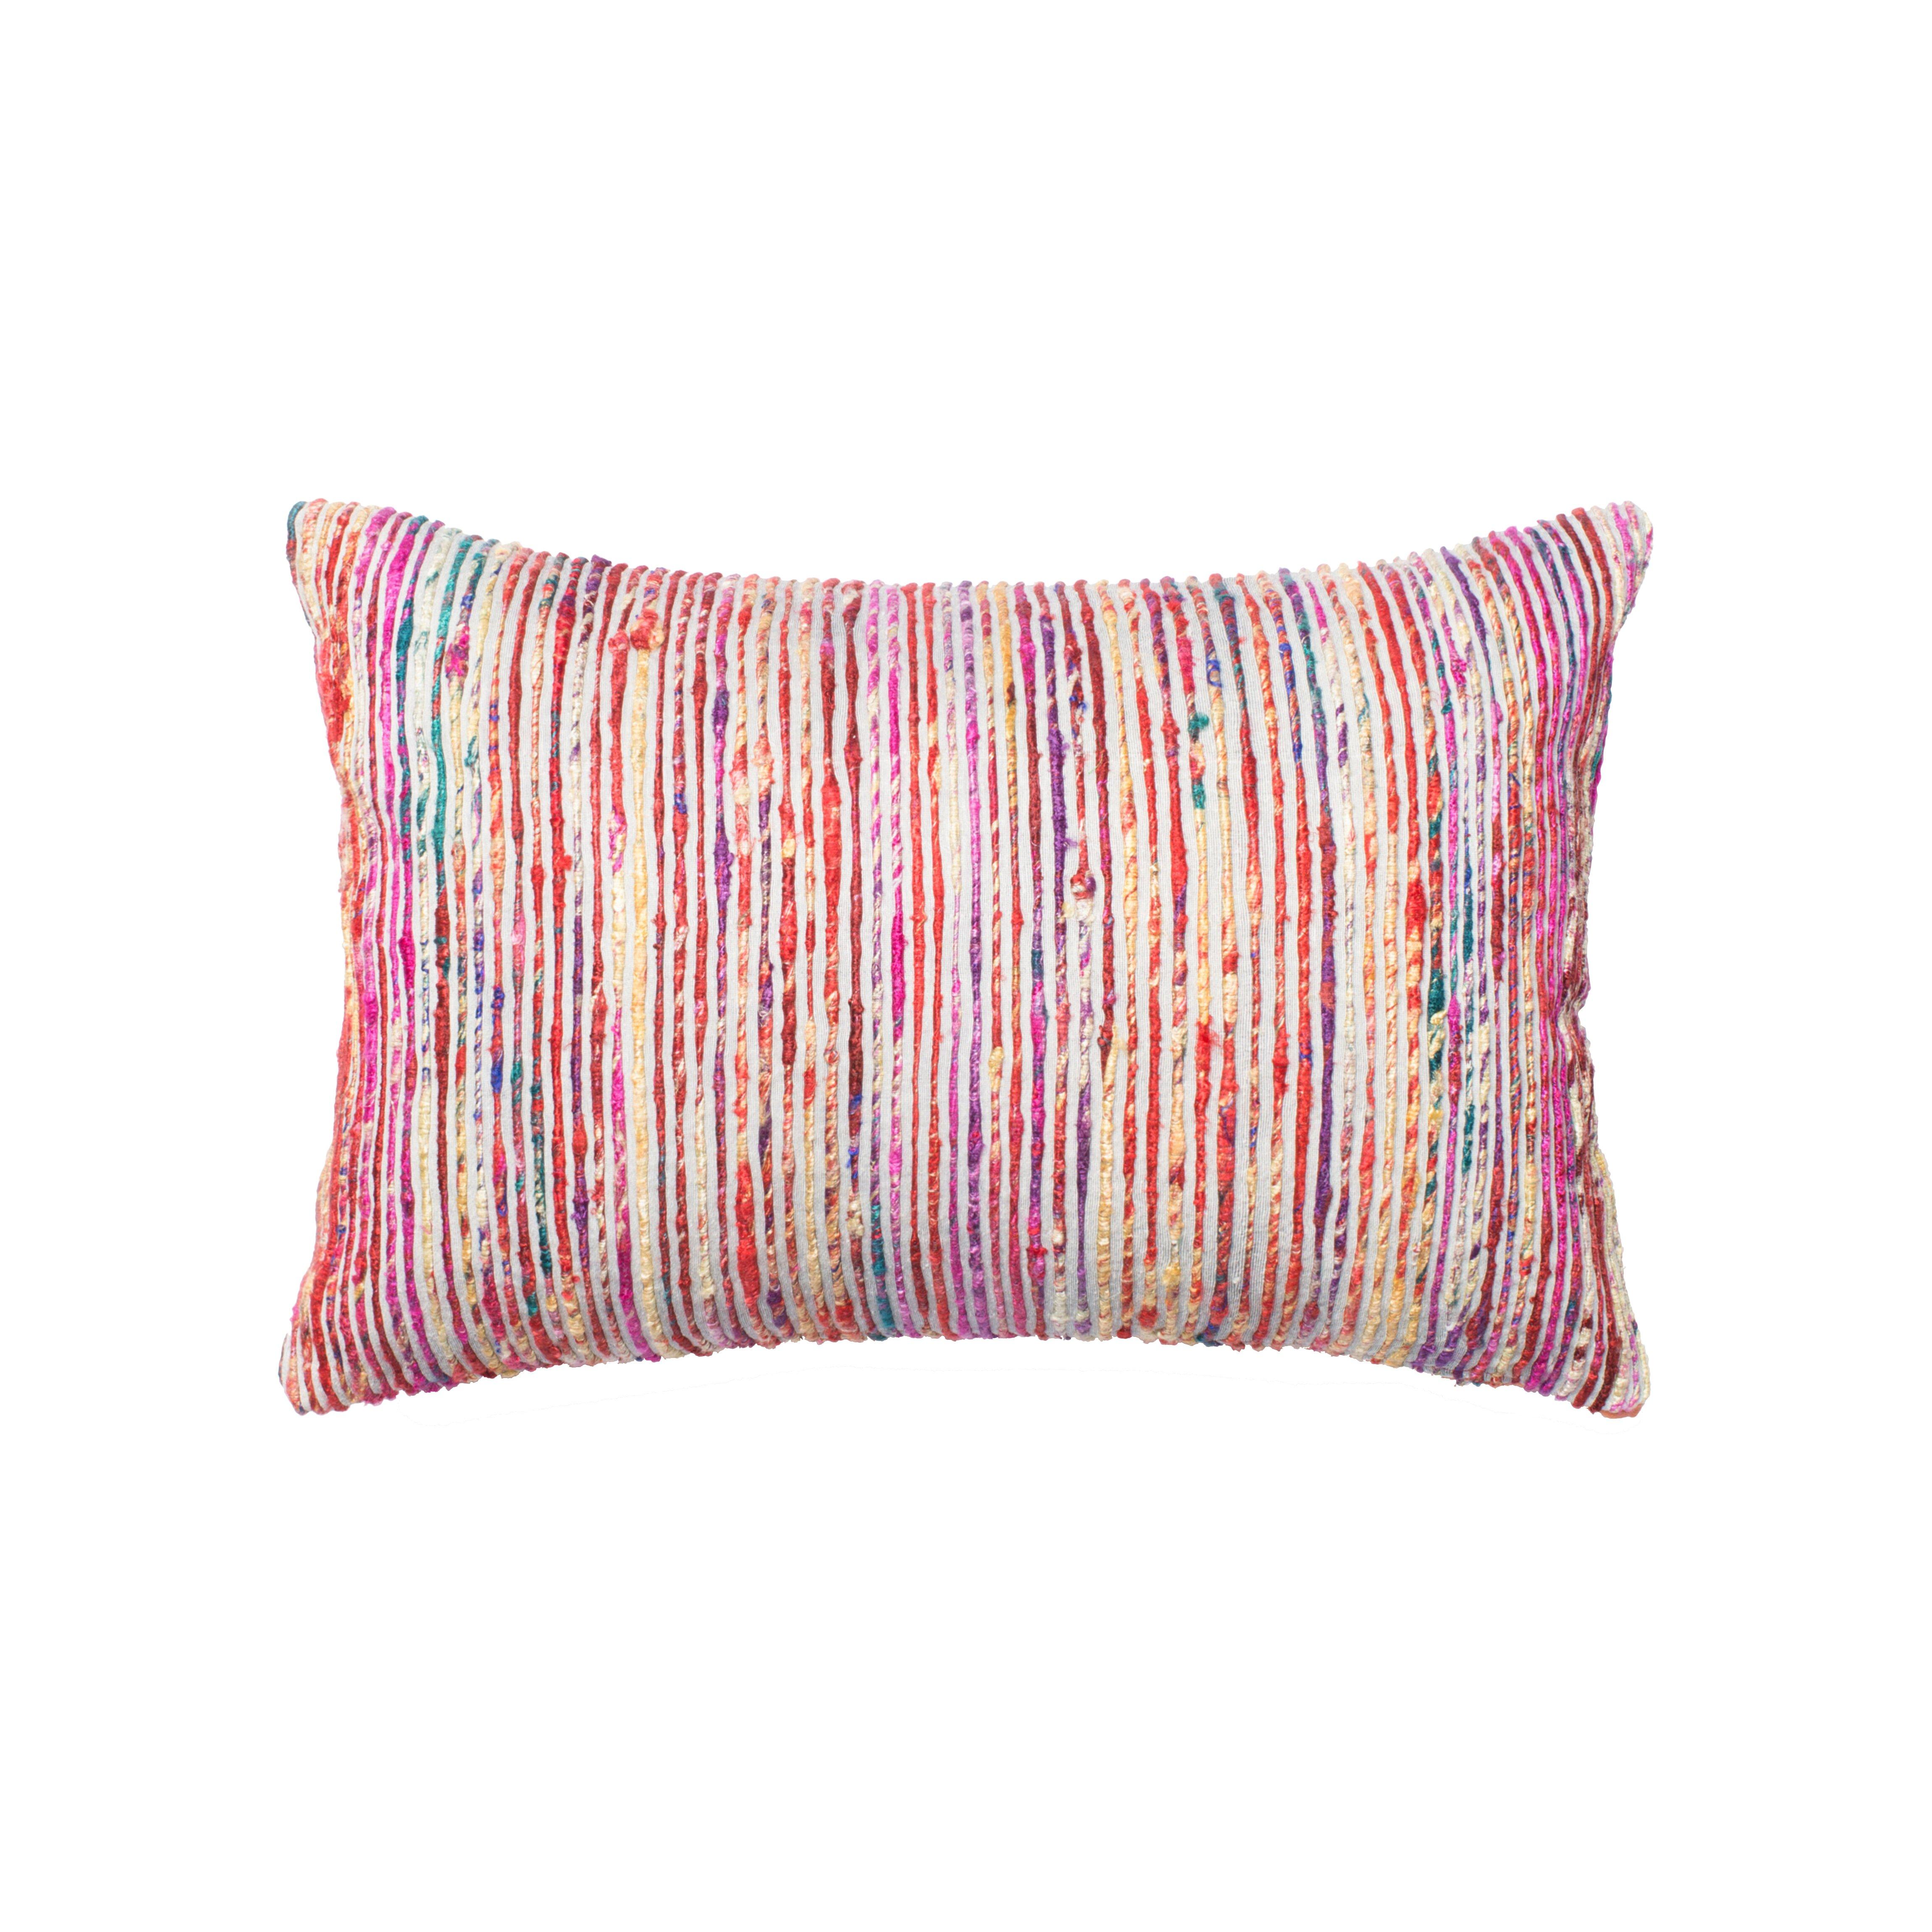 Loloi rugs lumbar pillow reviews wayfair for Loloi pillows